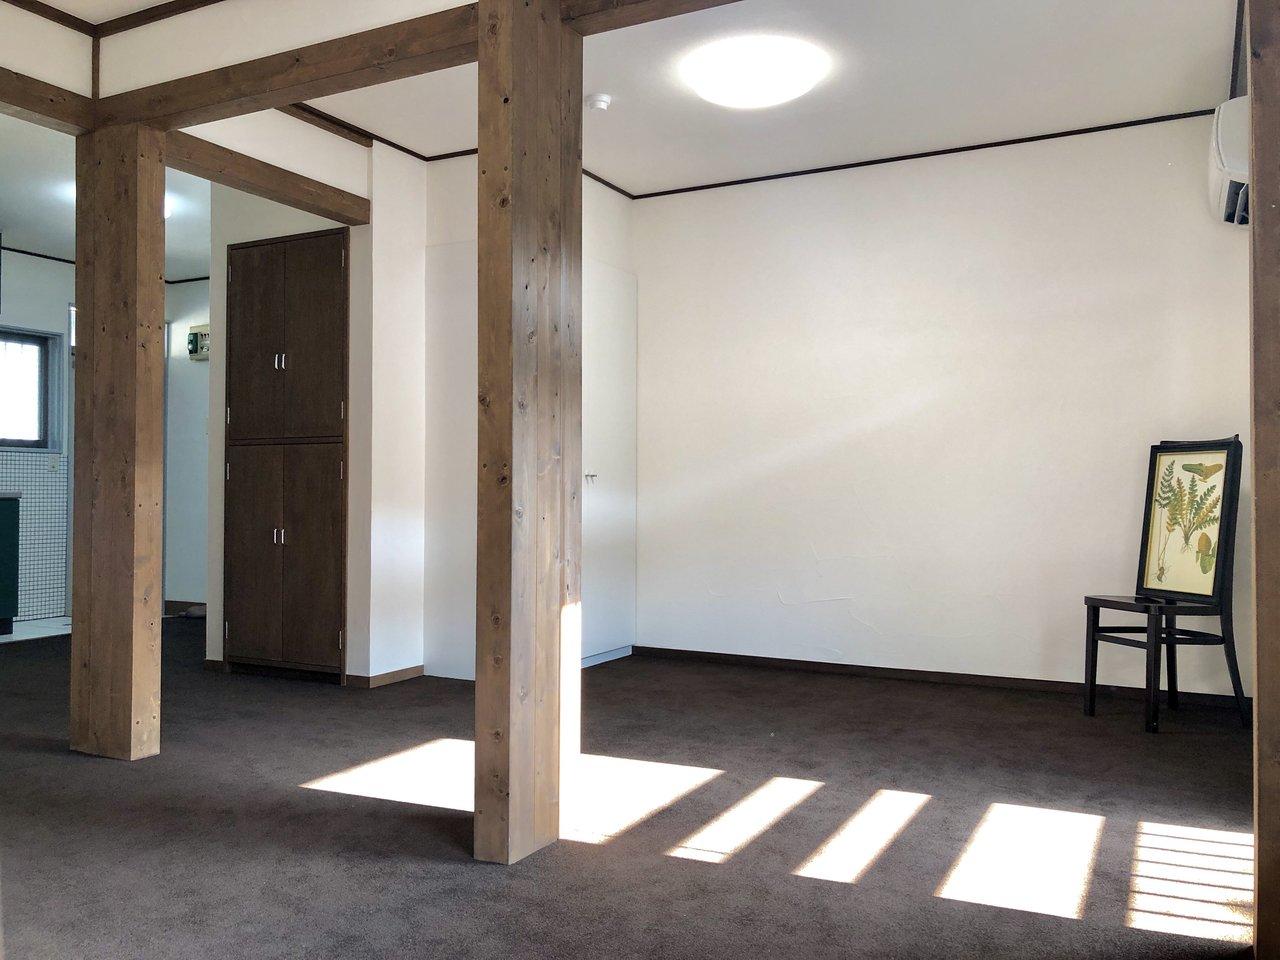 茶色のカーペットはふかふかで清潔感もあるし、建具やブラインドも木目の茶色で、これはこれで落ち着く気がします。